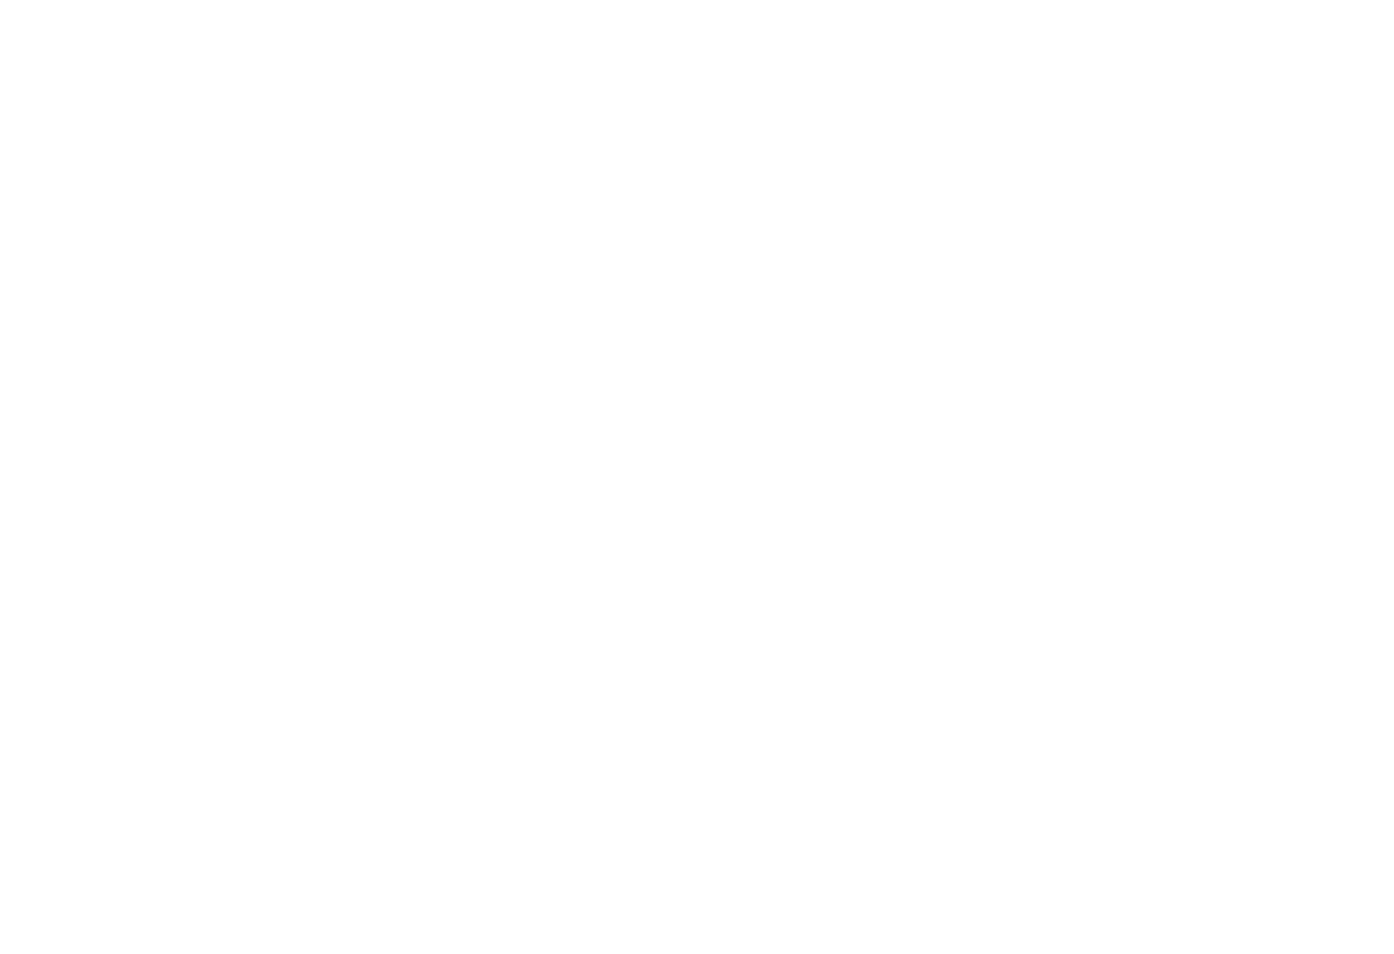 Trane-XR80-Control-Wiring-Diagram